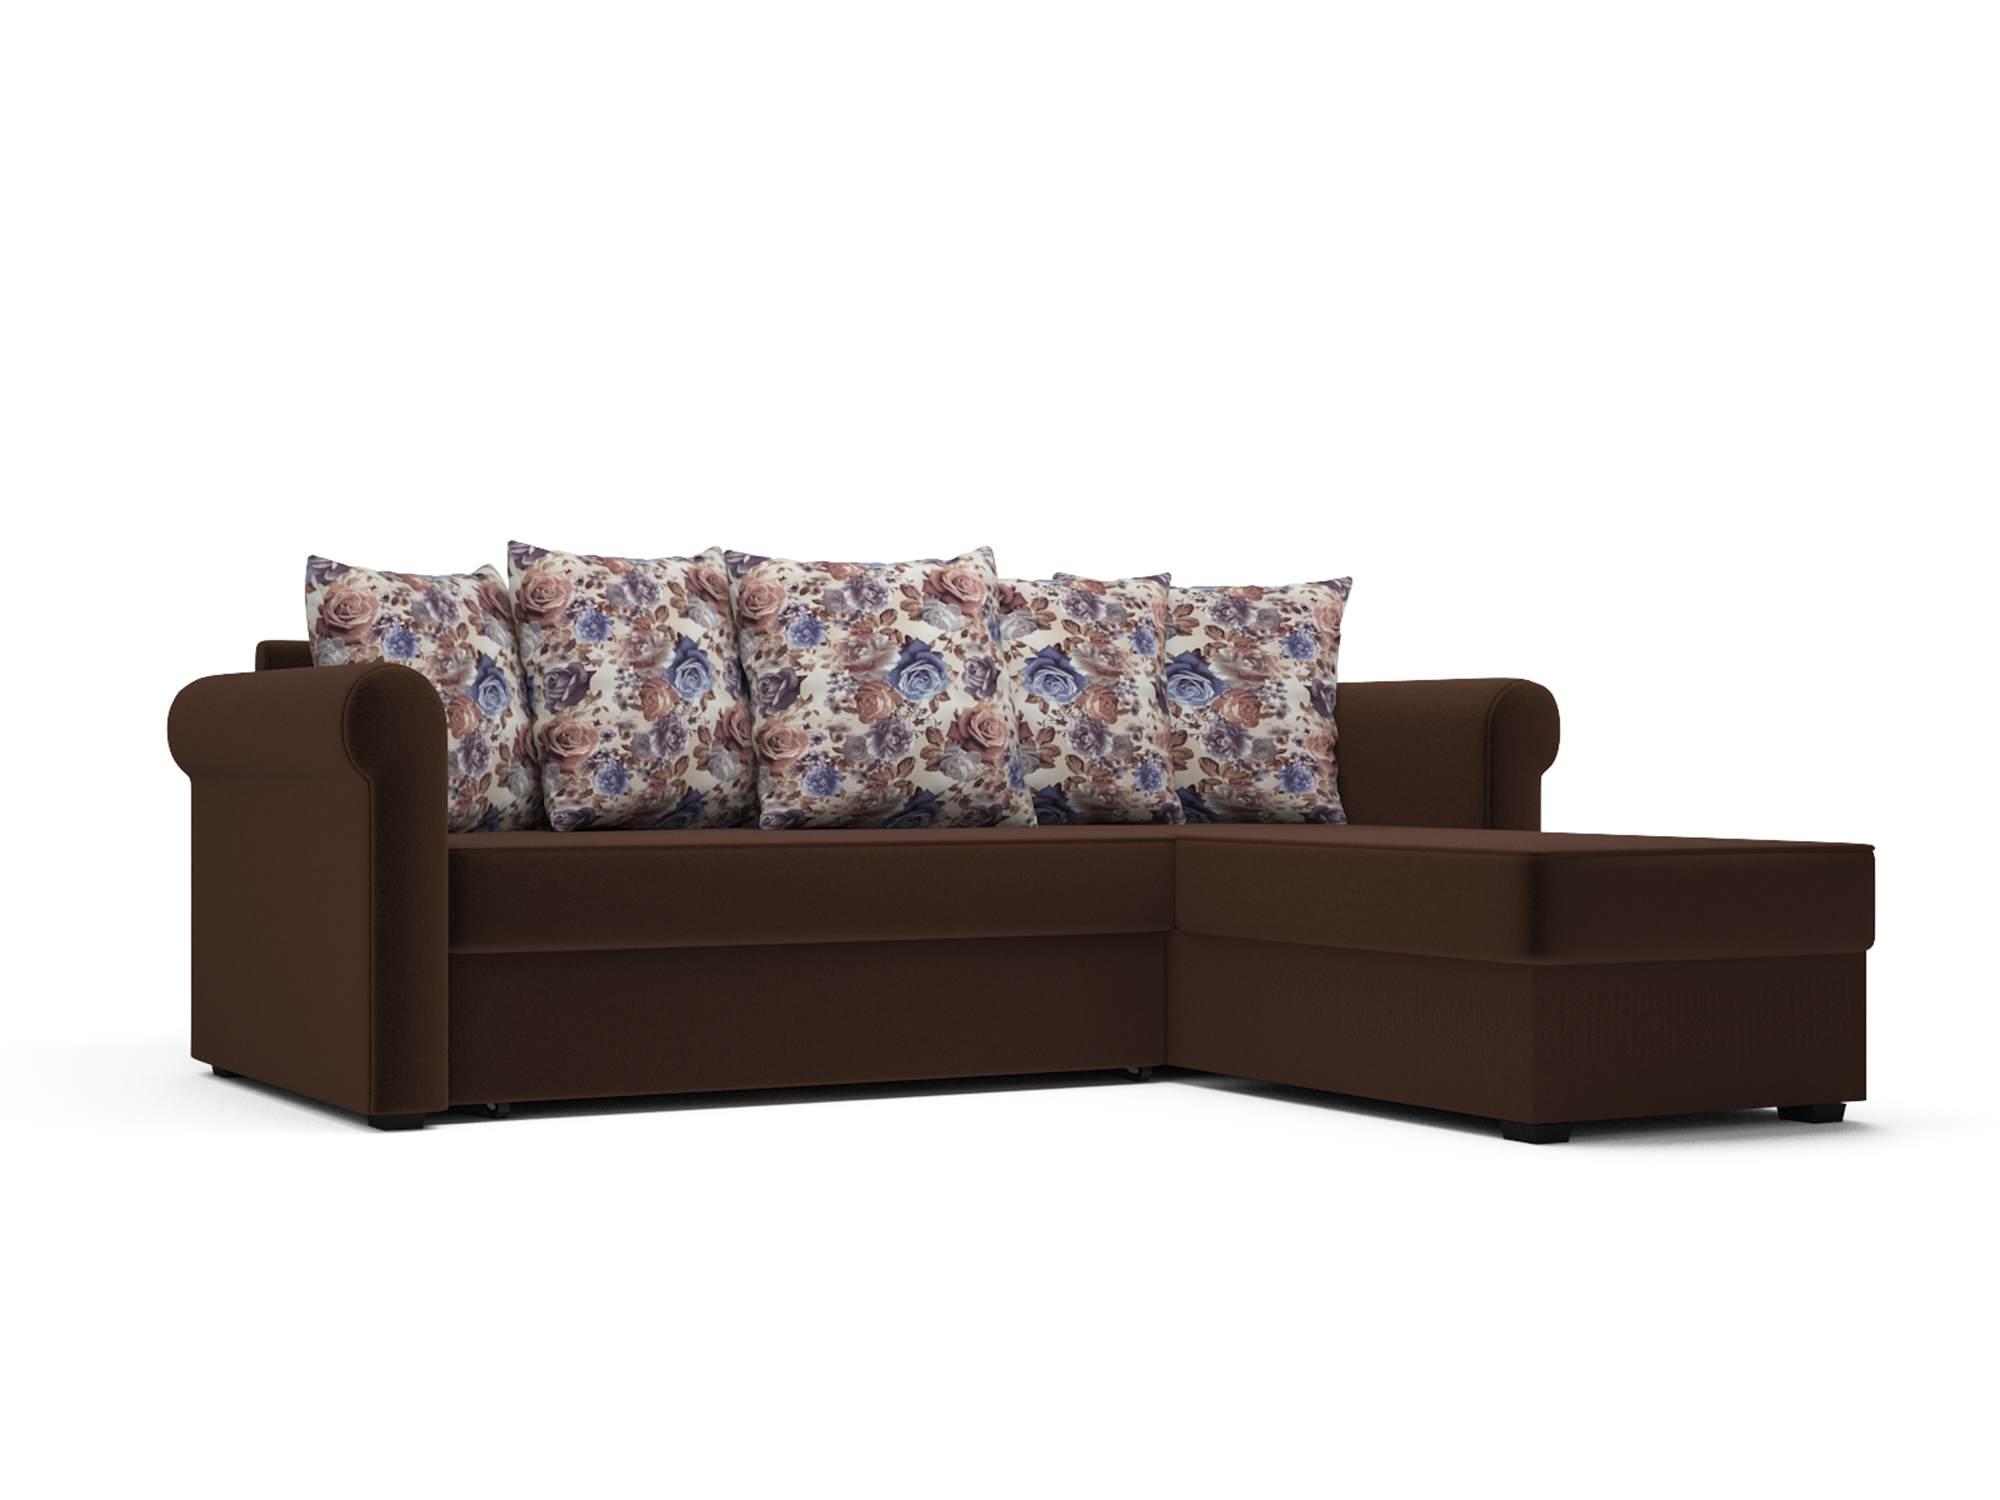 диваны в спб недорого фото много мебели для